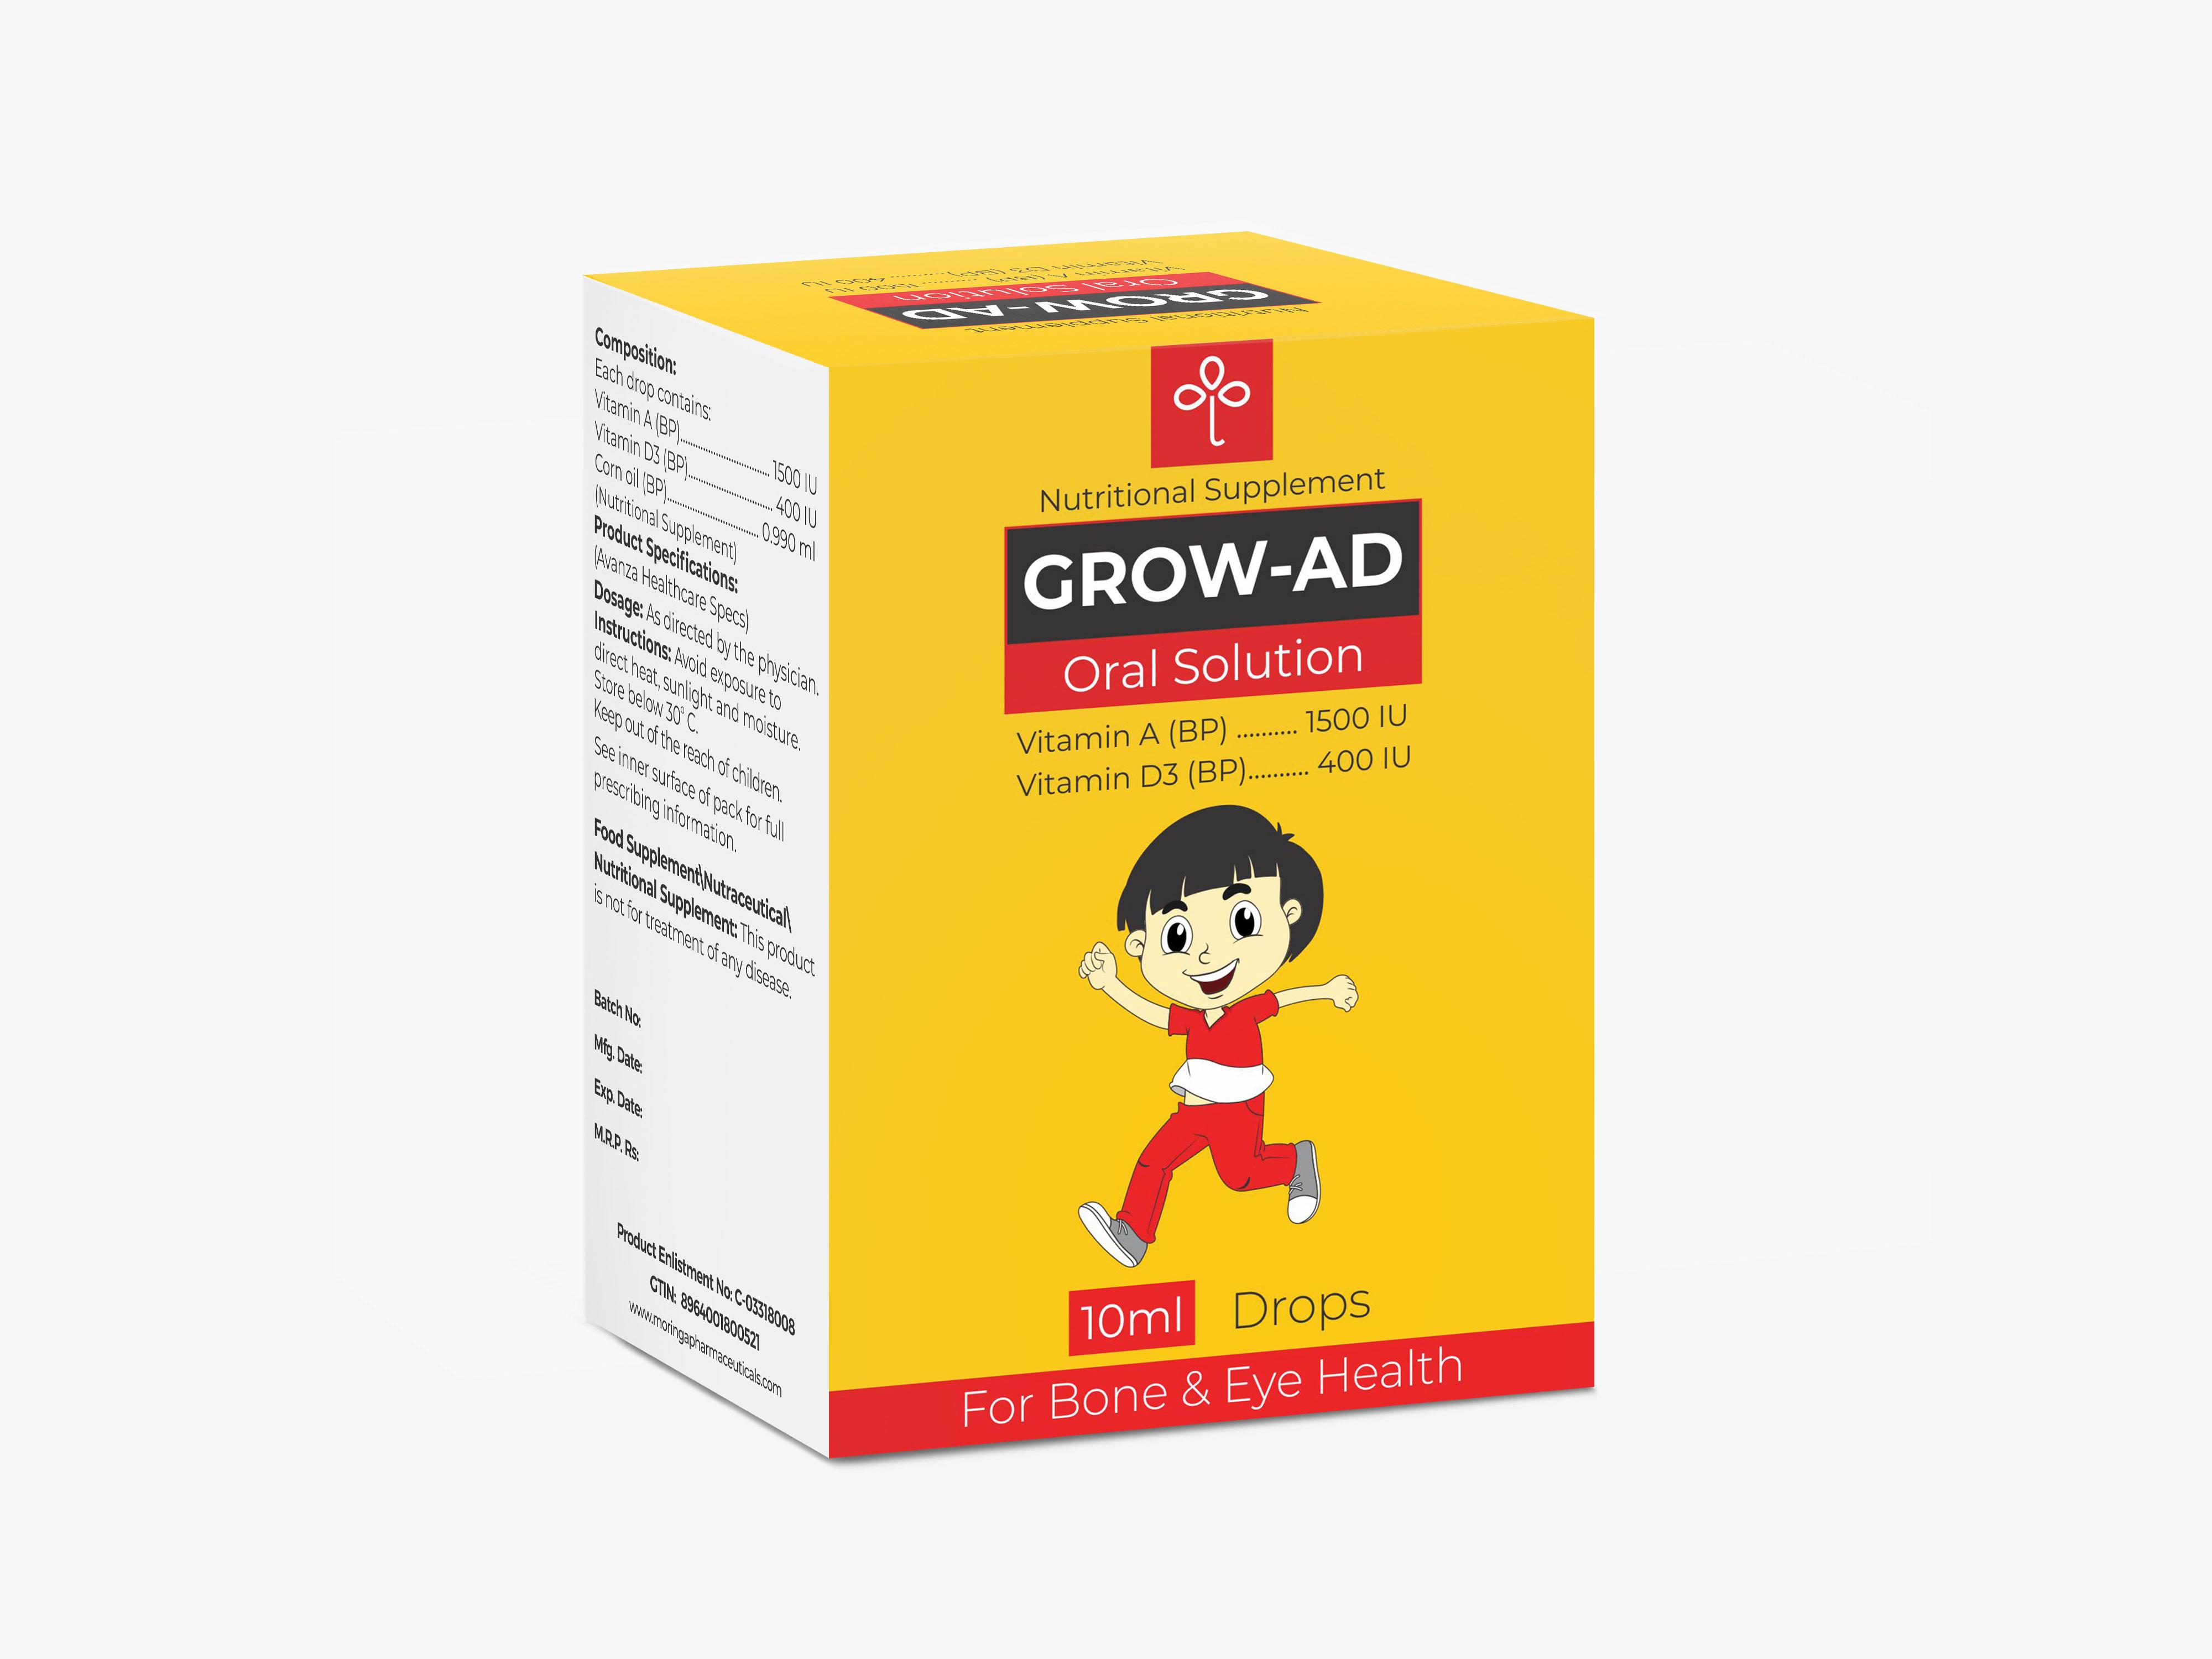 GROW-AD